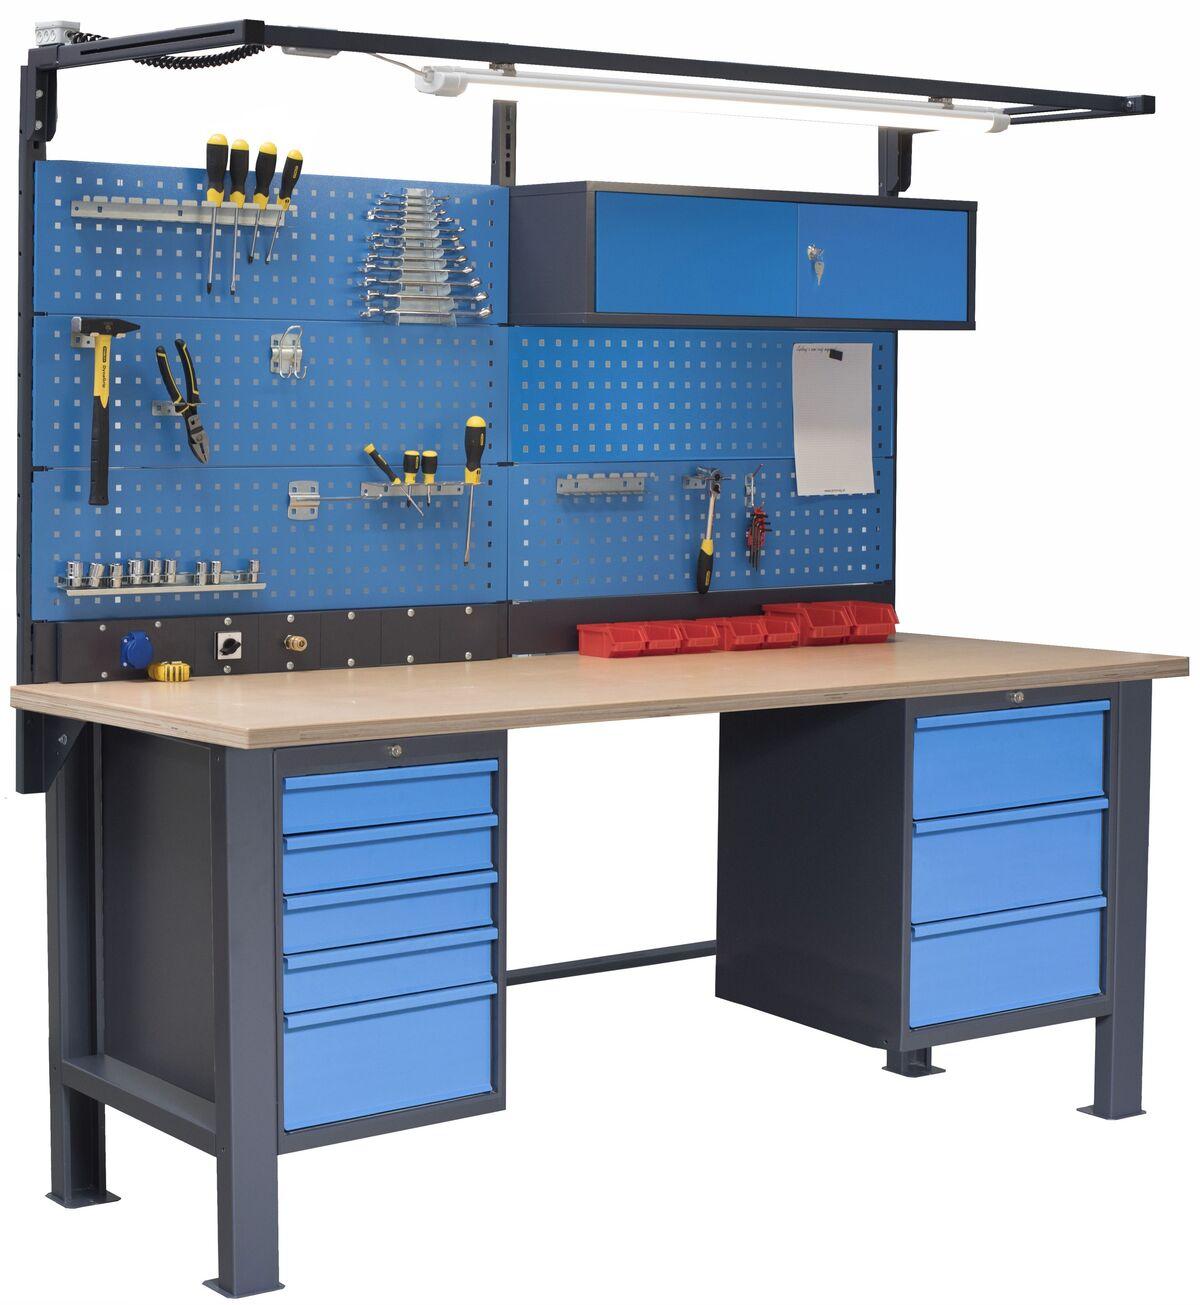 Stół do warsztatu PL03L/P6P8 z nadbudową PL03/5T/S L10